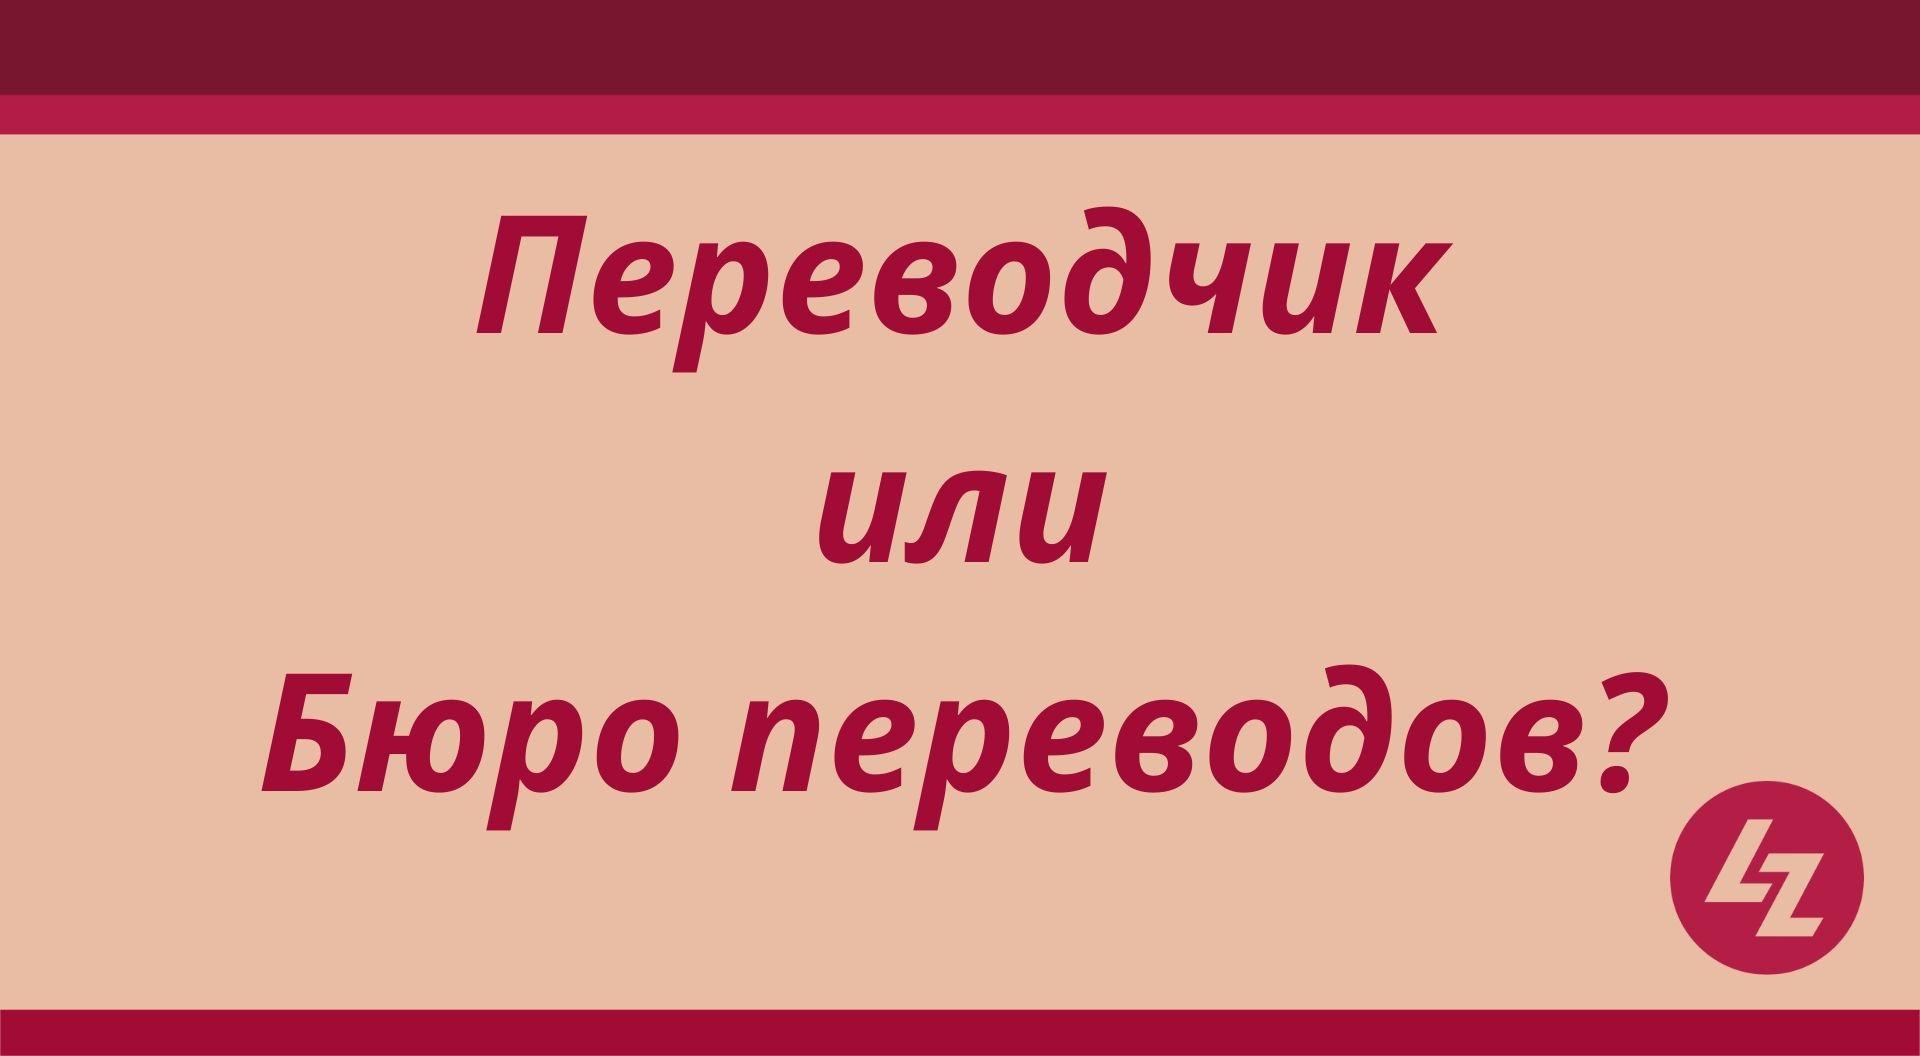 Частный переводчик или бюро переводов?